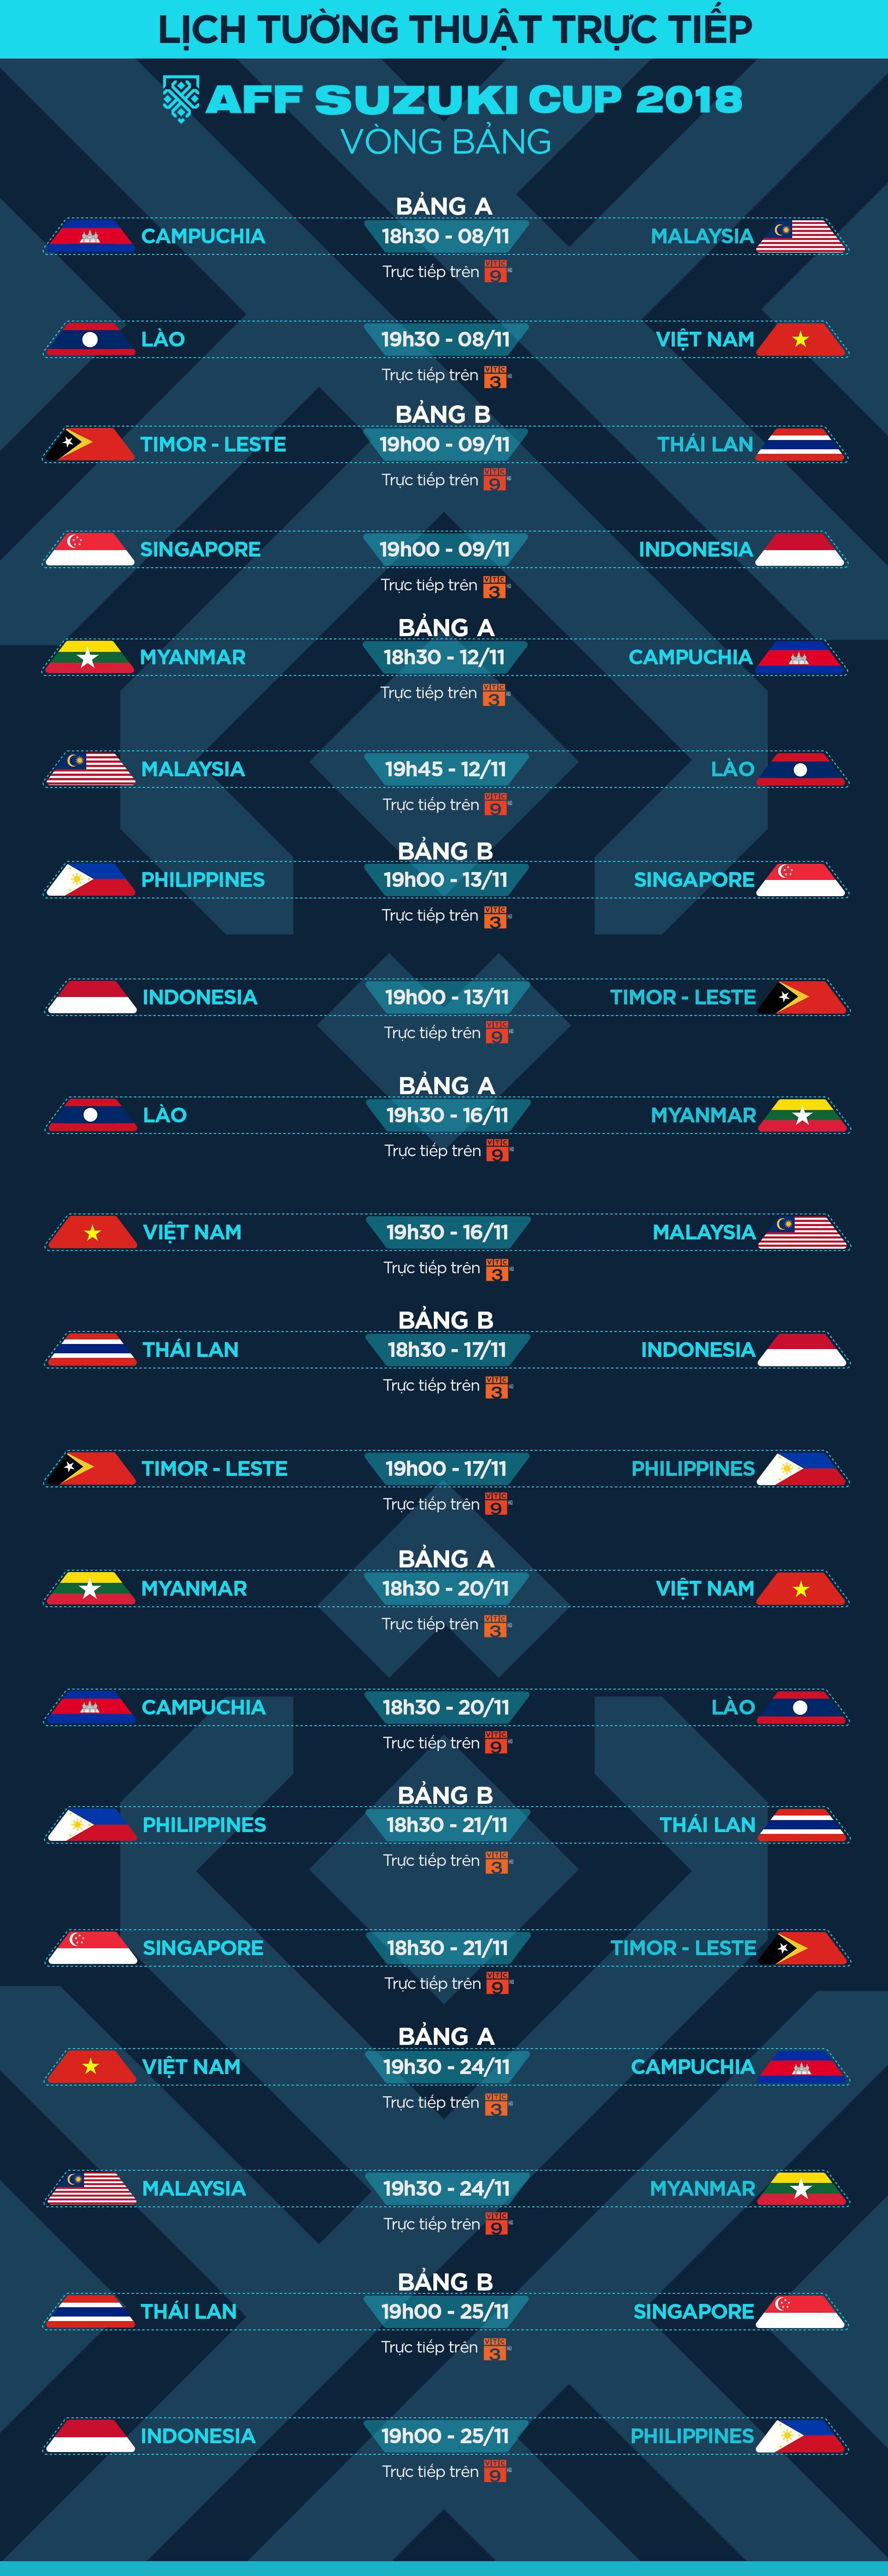 Lịch phát sóng vòng bảng AFF Cup 2018 - Ảnh 3.